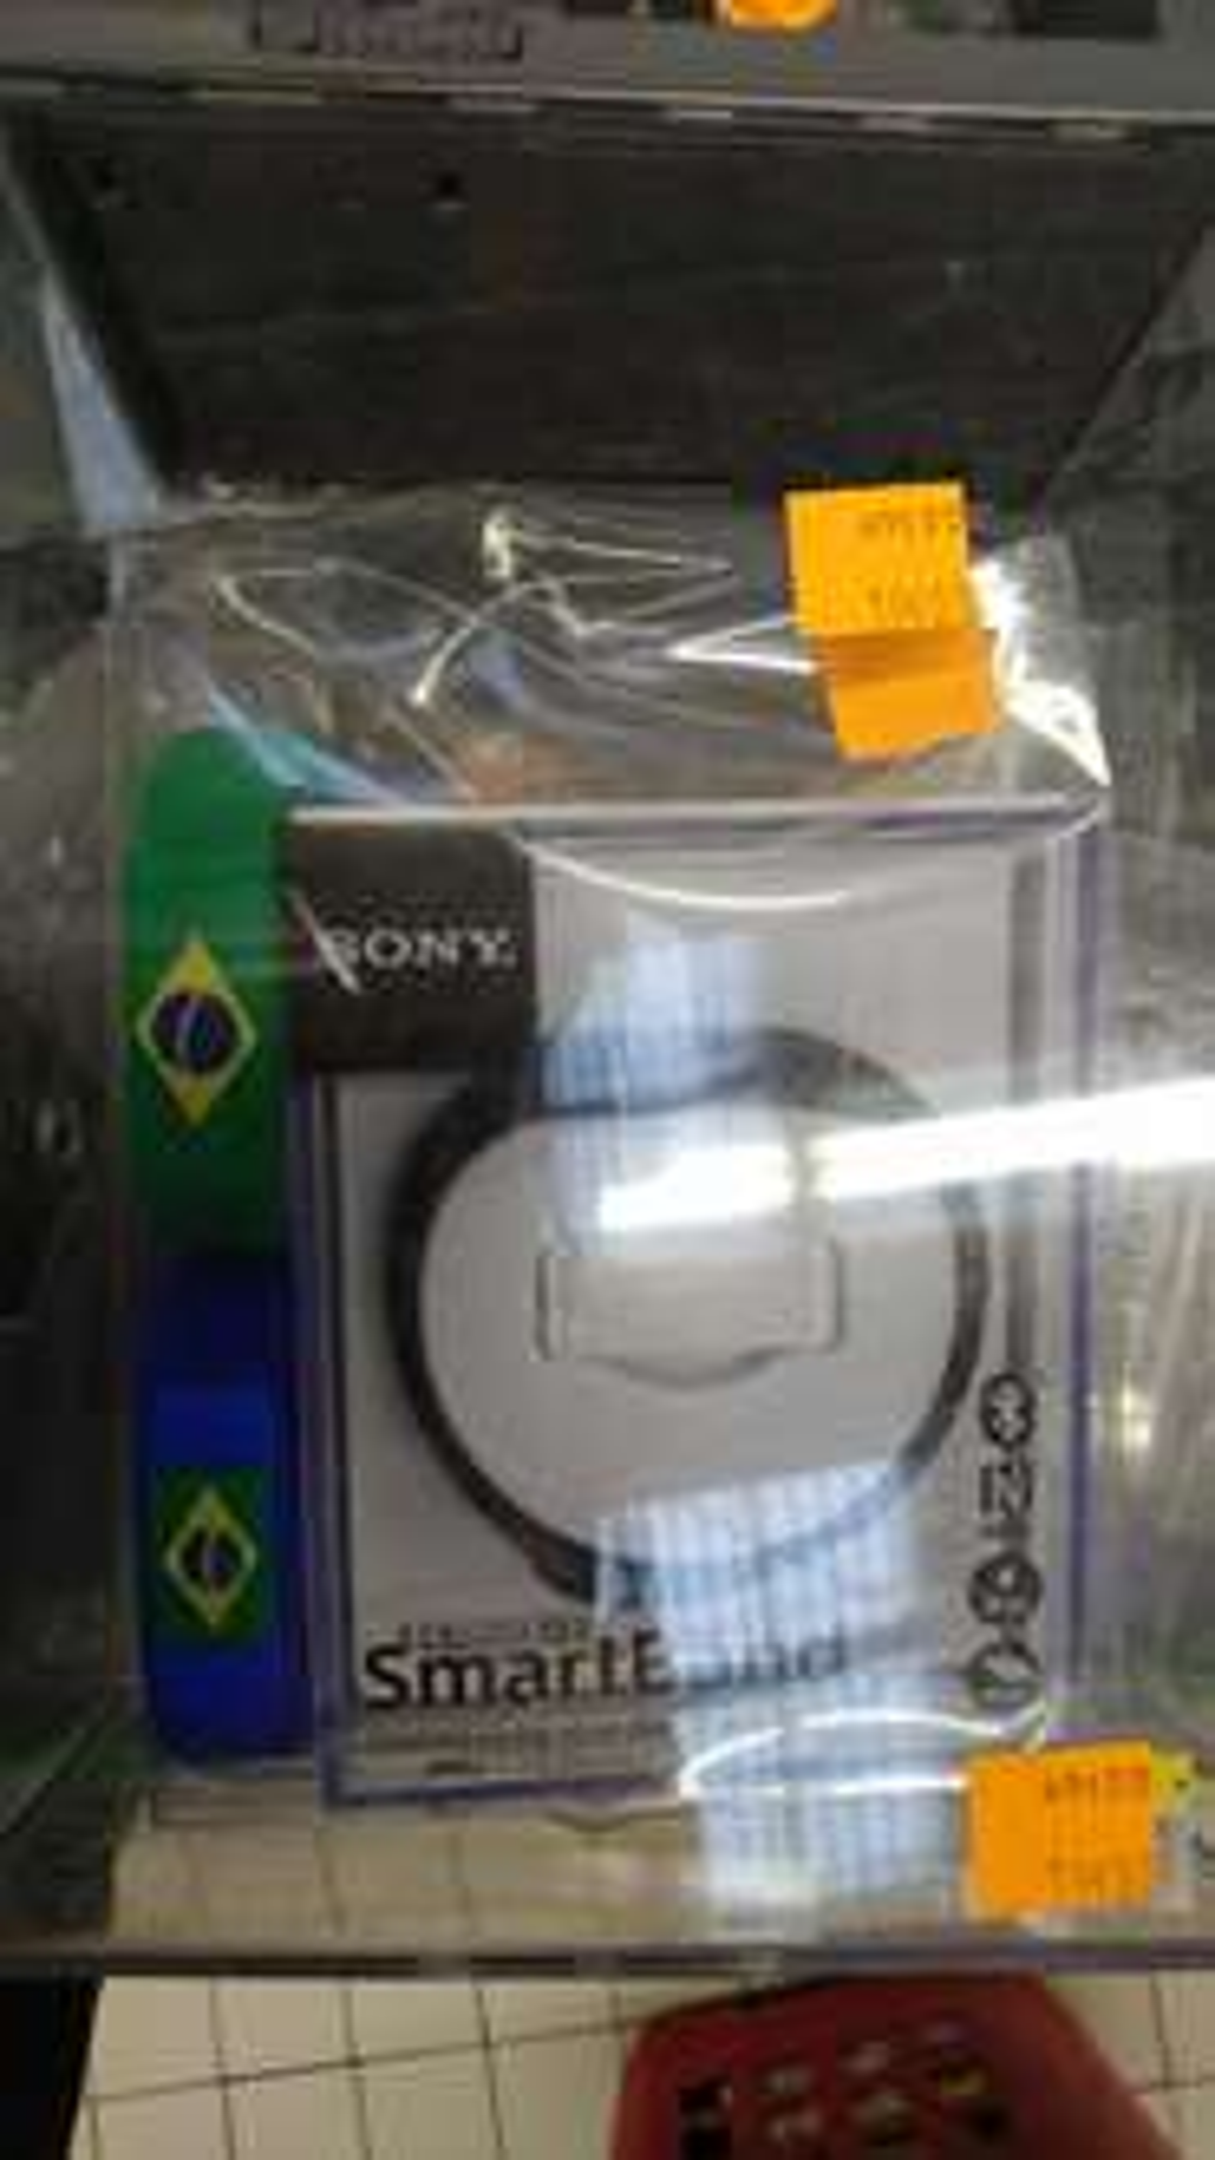 bracelet connecté Sony SWR10 + 4 bracelets